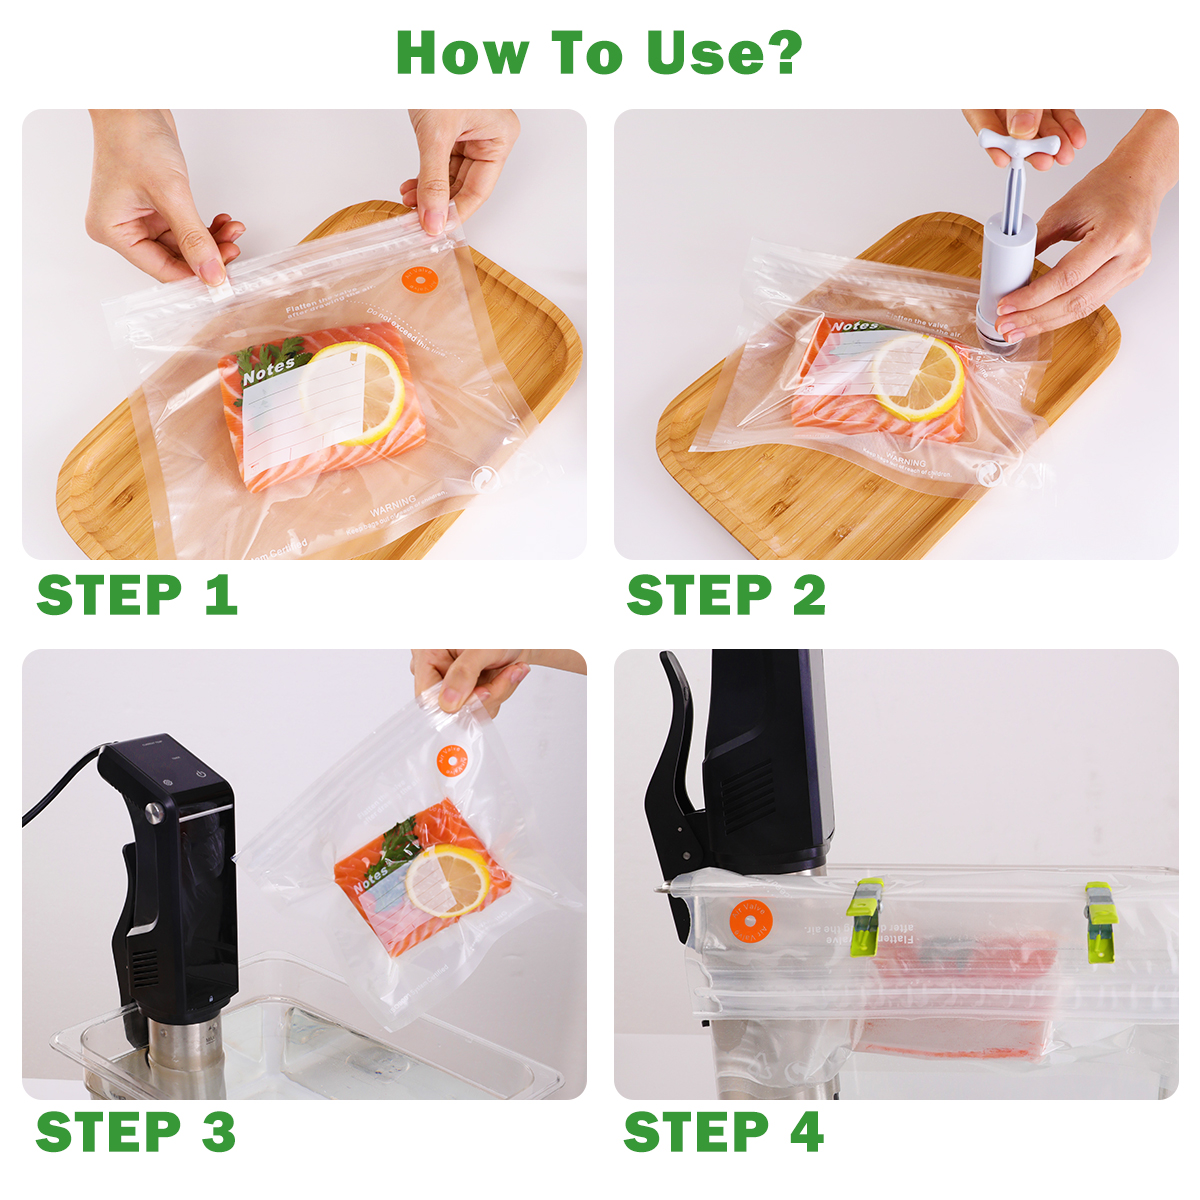 TAILI sacs réutilisables d'économie de Vide sac de stockage de nourriture sac de Compression pour garder les aliments frais et savoureux Sous Vide organisateur de réfrigérateur de cuisine 4